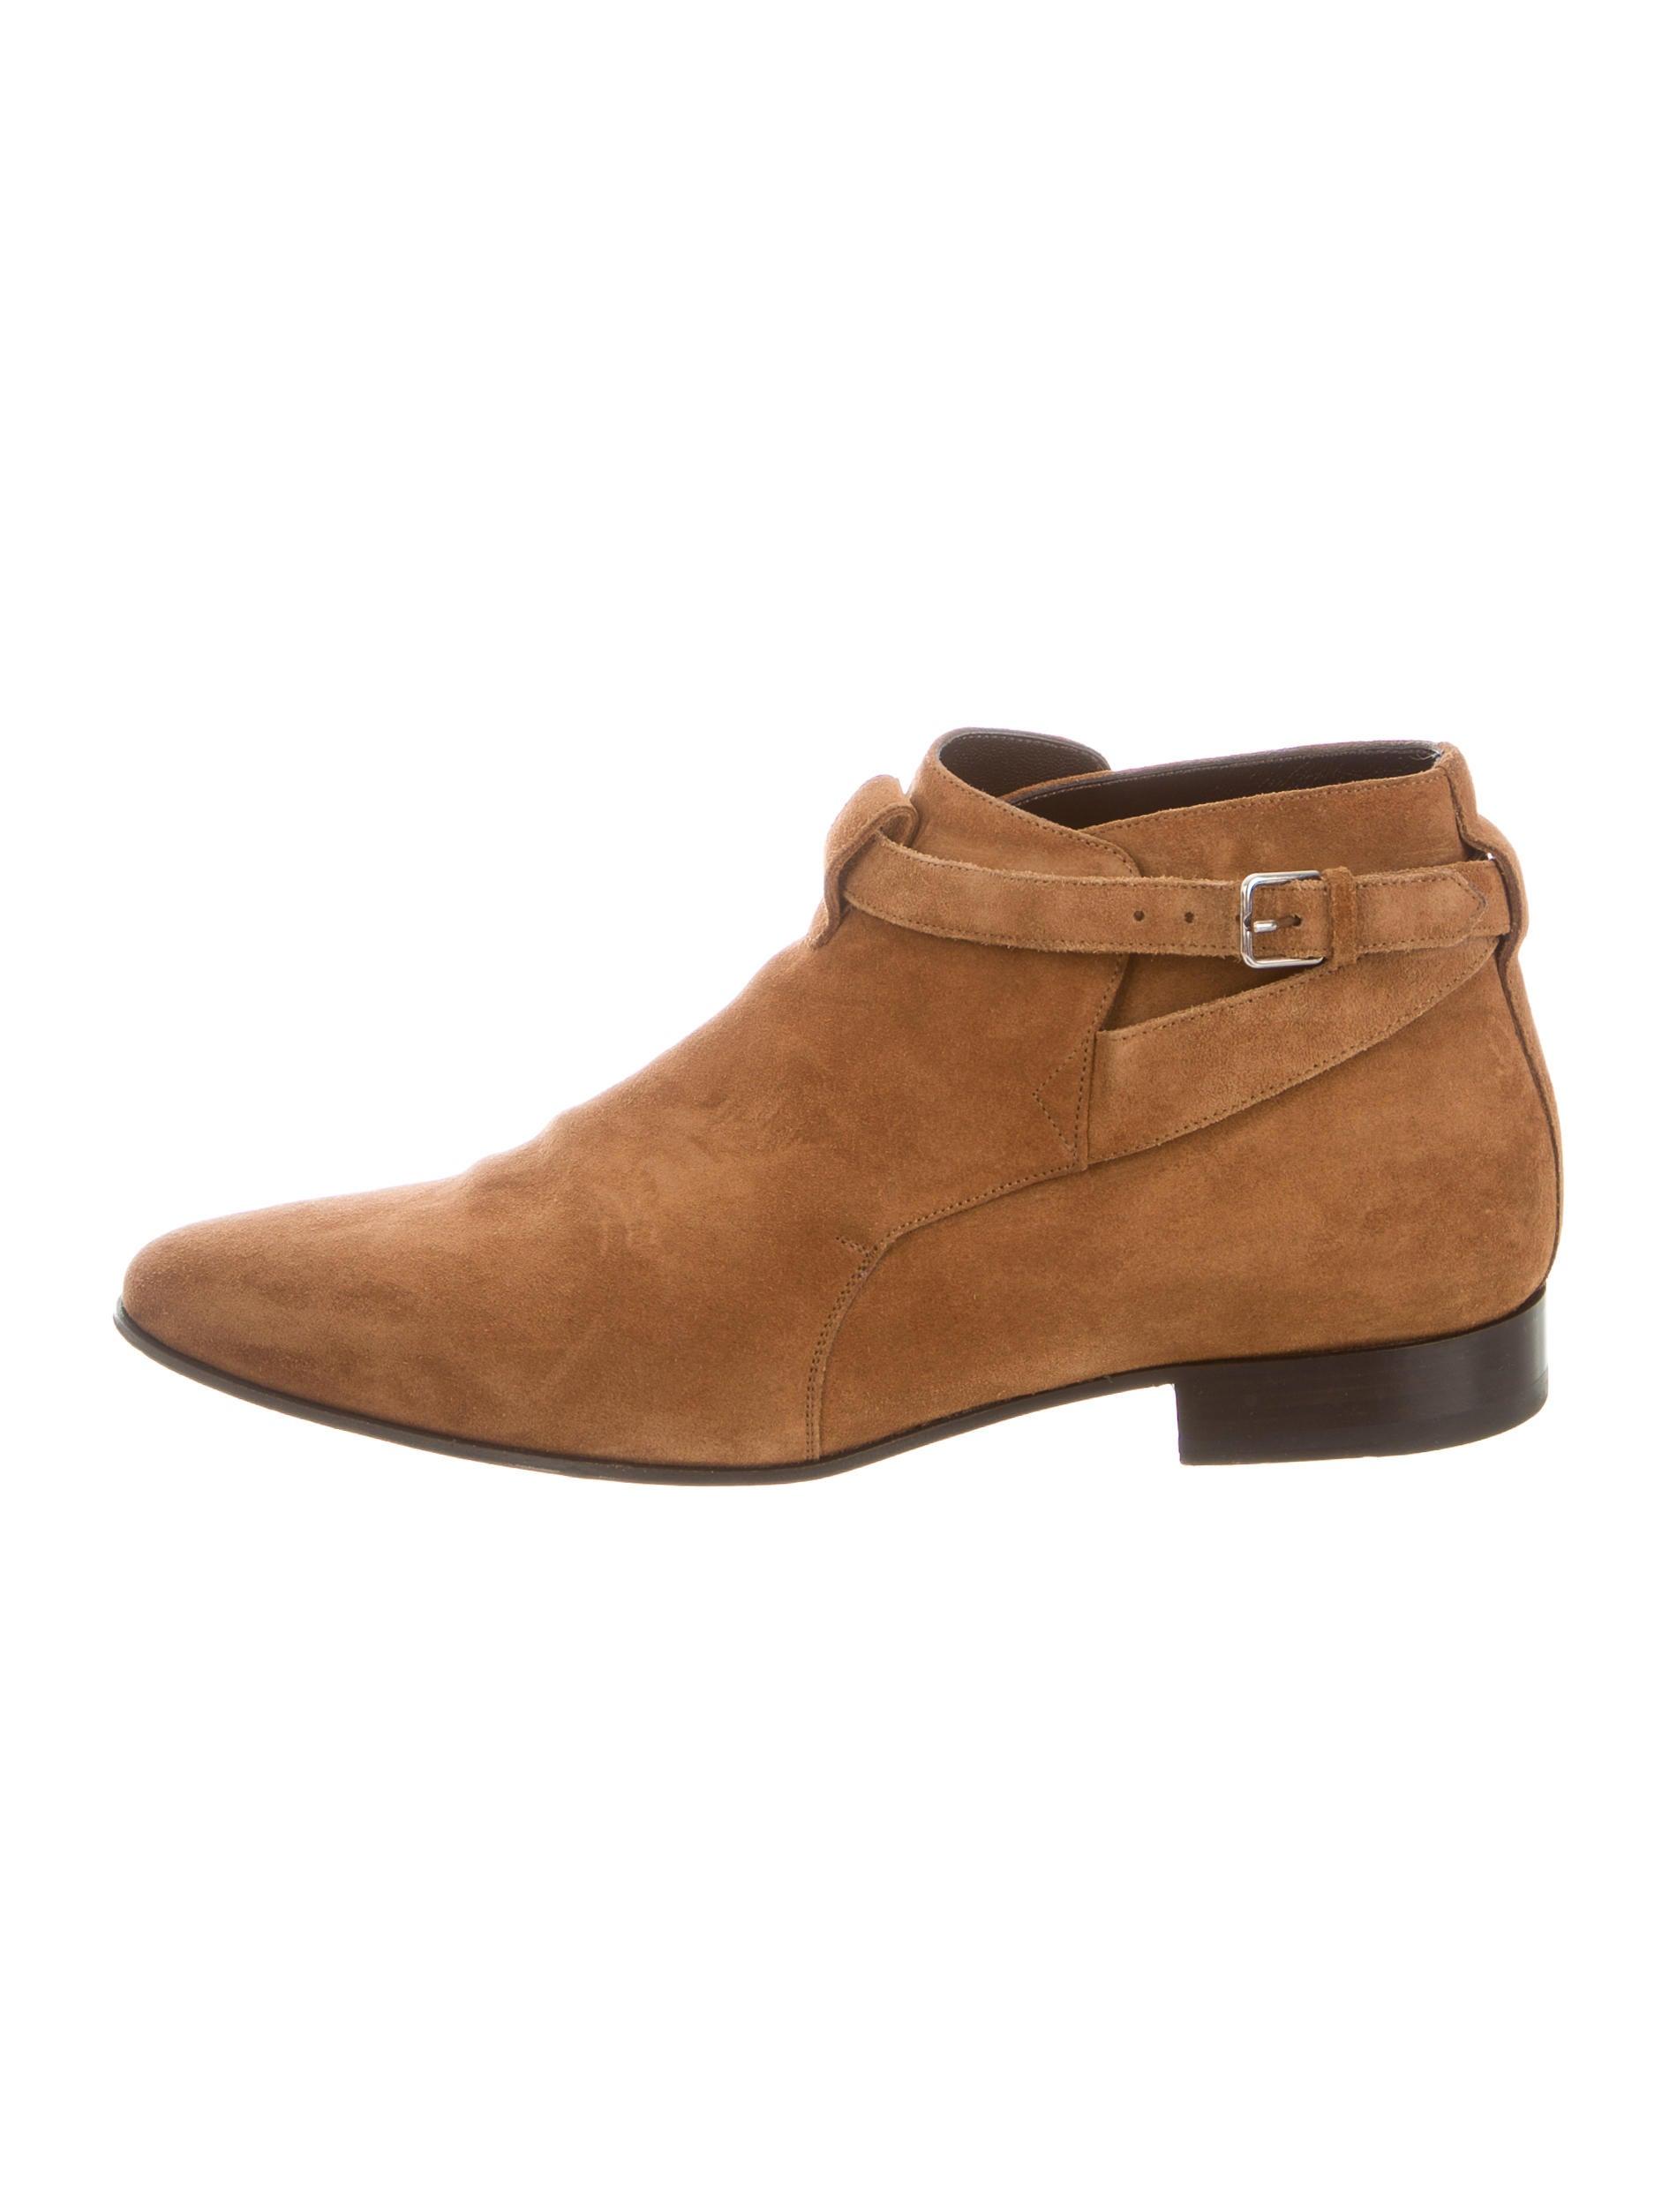 laurent suede jodphur ankle boots shoes snt34053